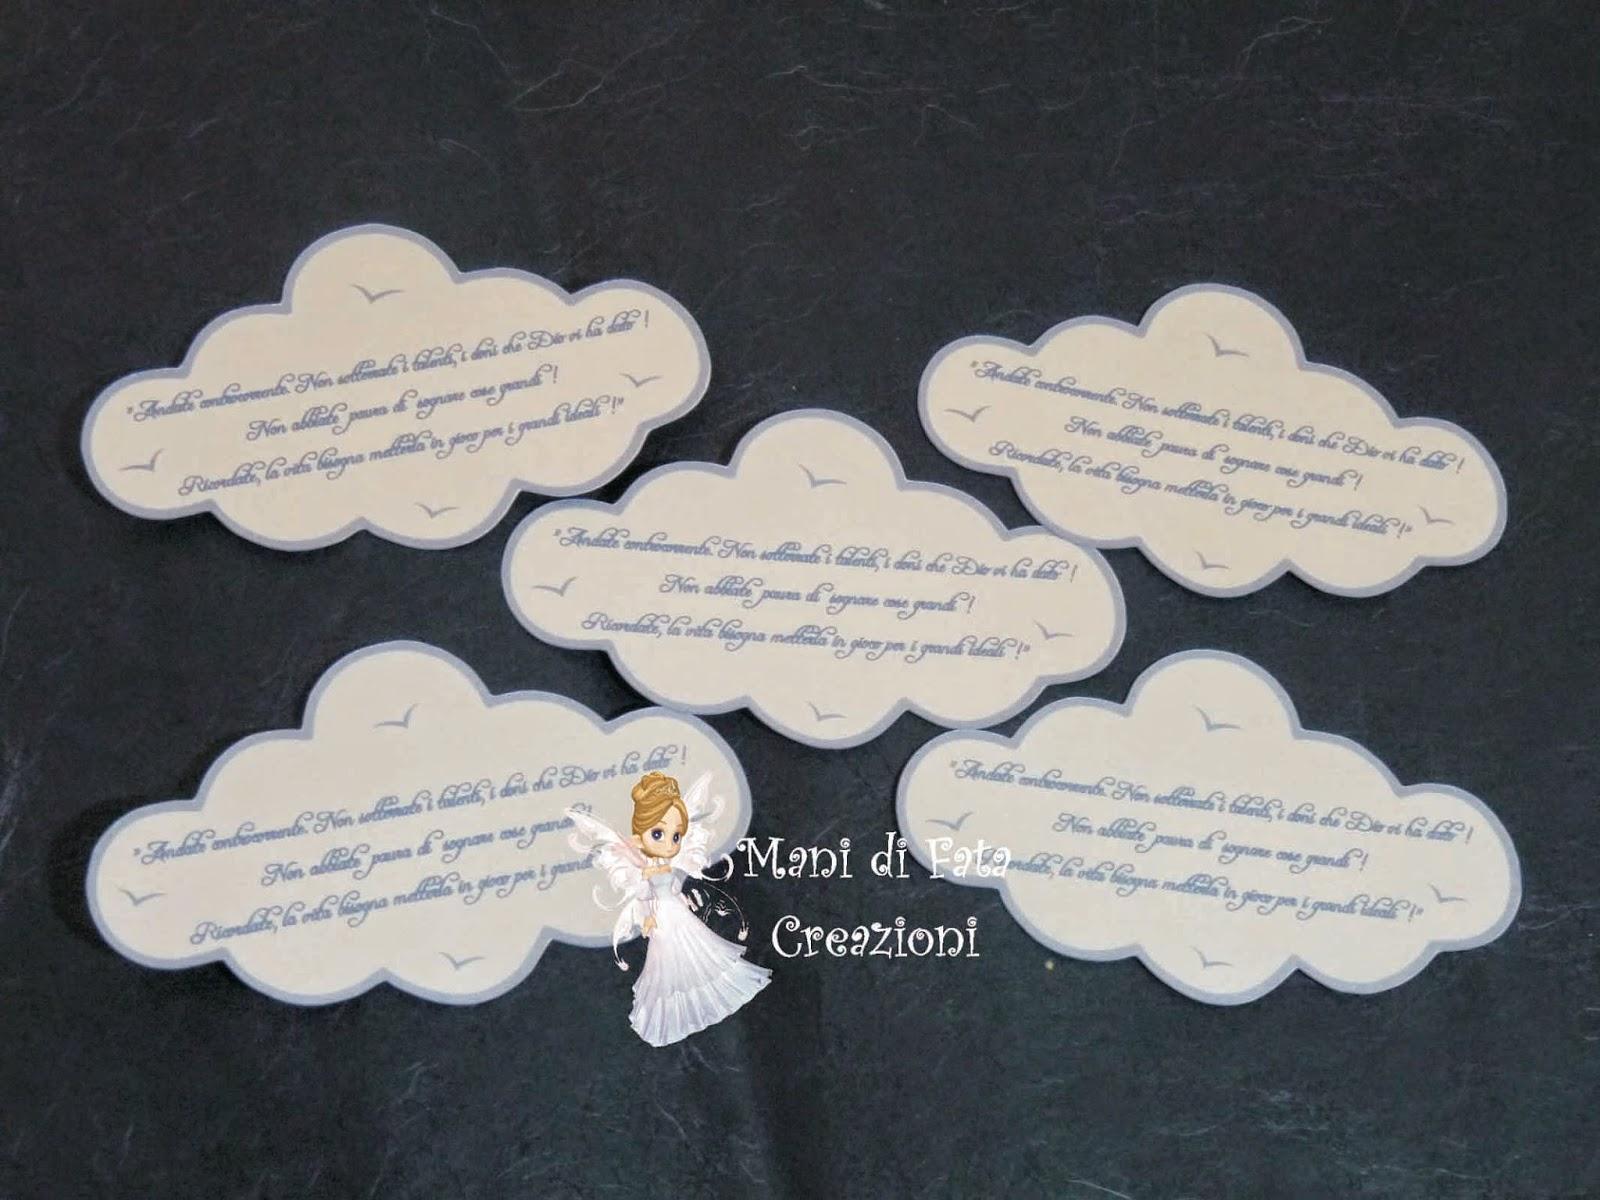 Eccezionale Mani di Fata Creazioni: Segnaposti nuvoletta NC95